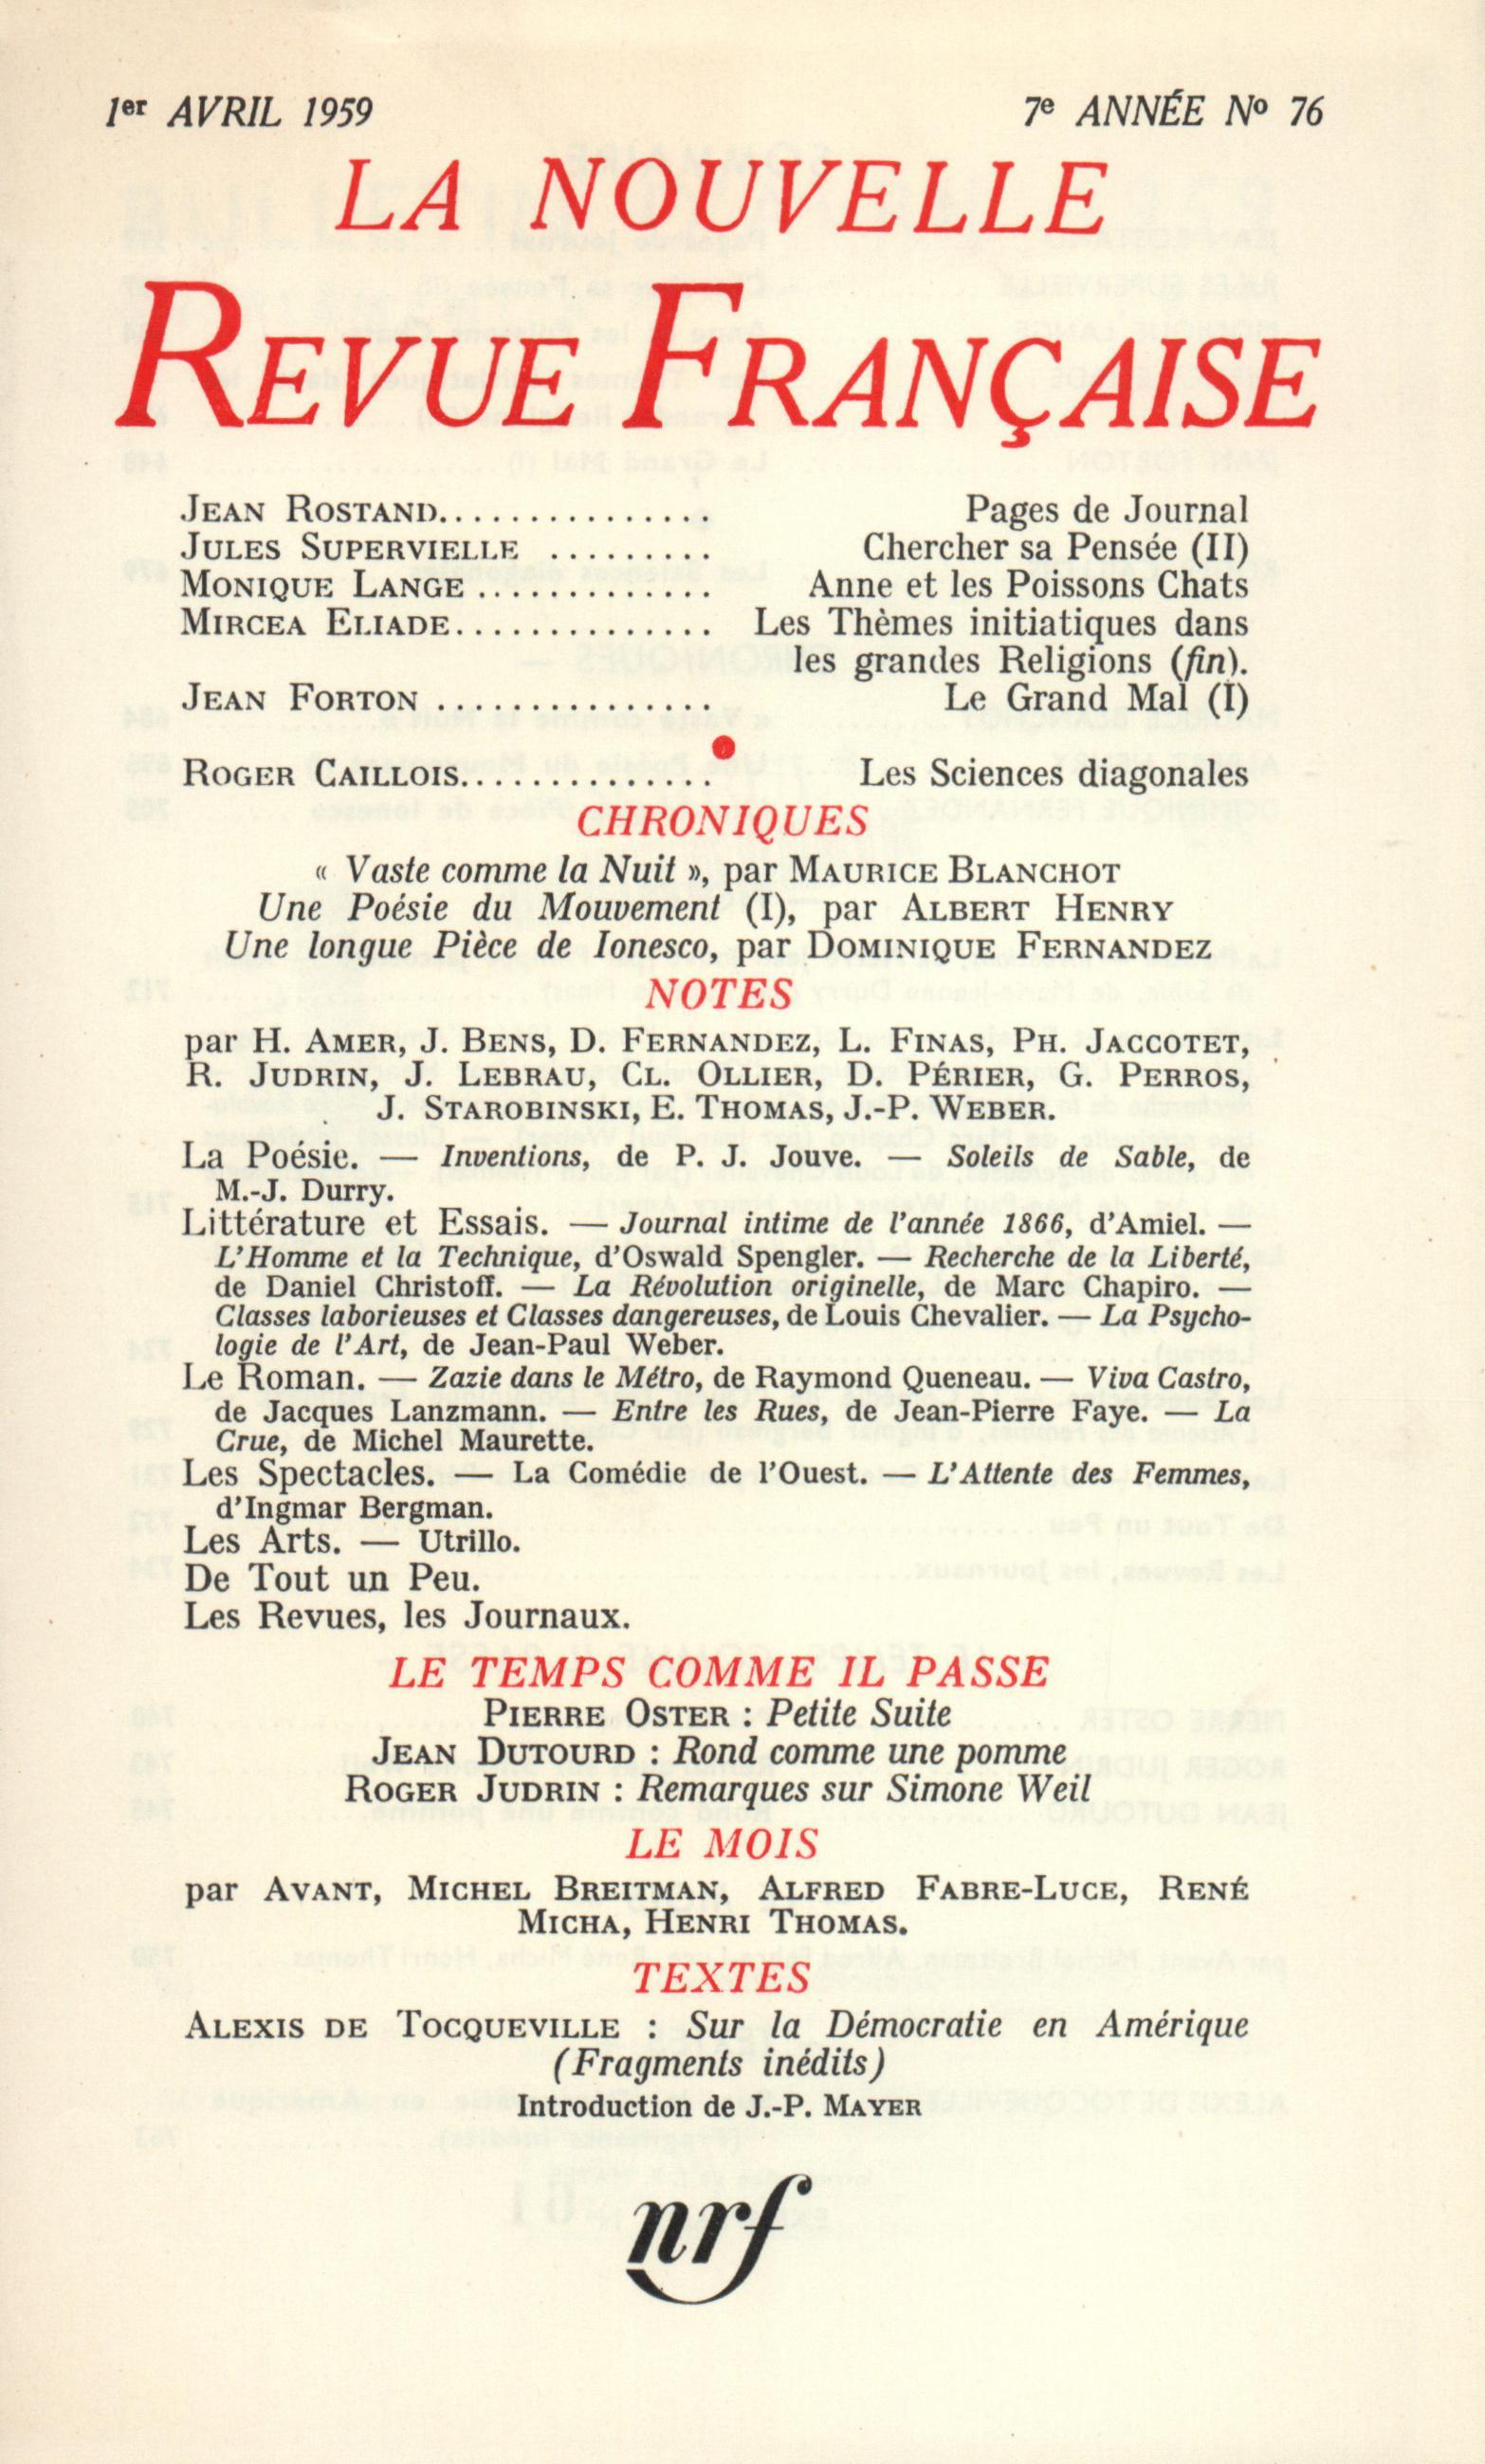 La Nouvelle Revue Française N' 76 (Avril 1959)